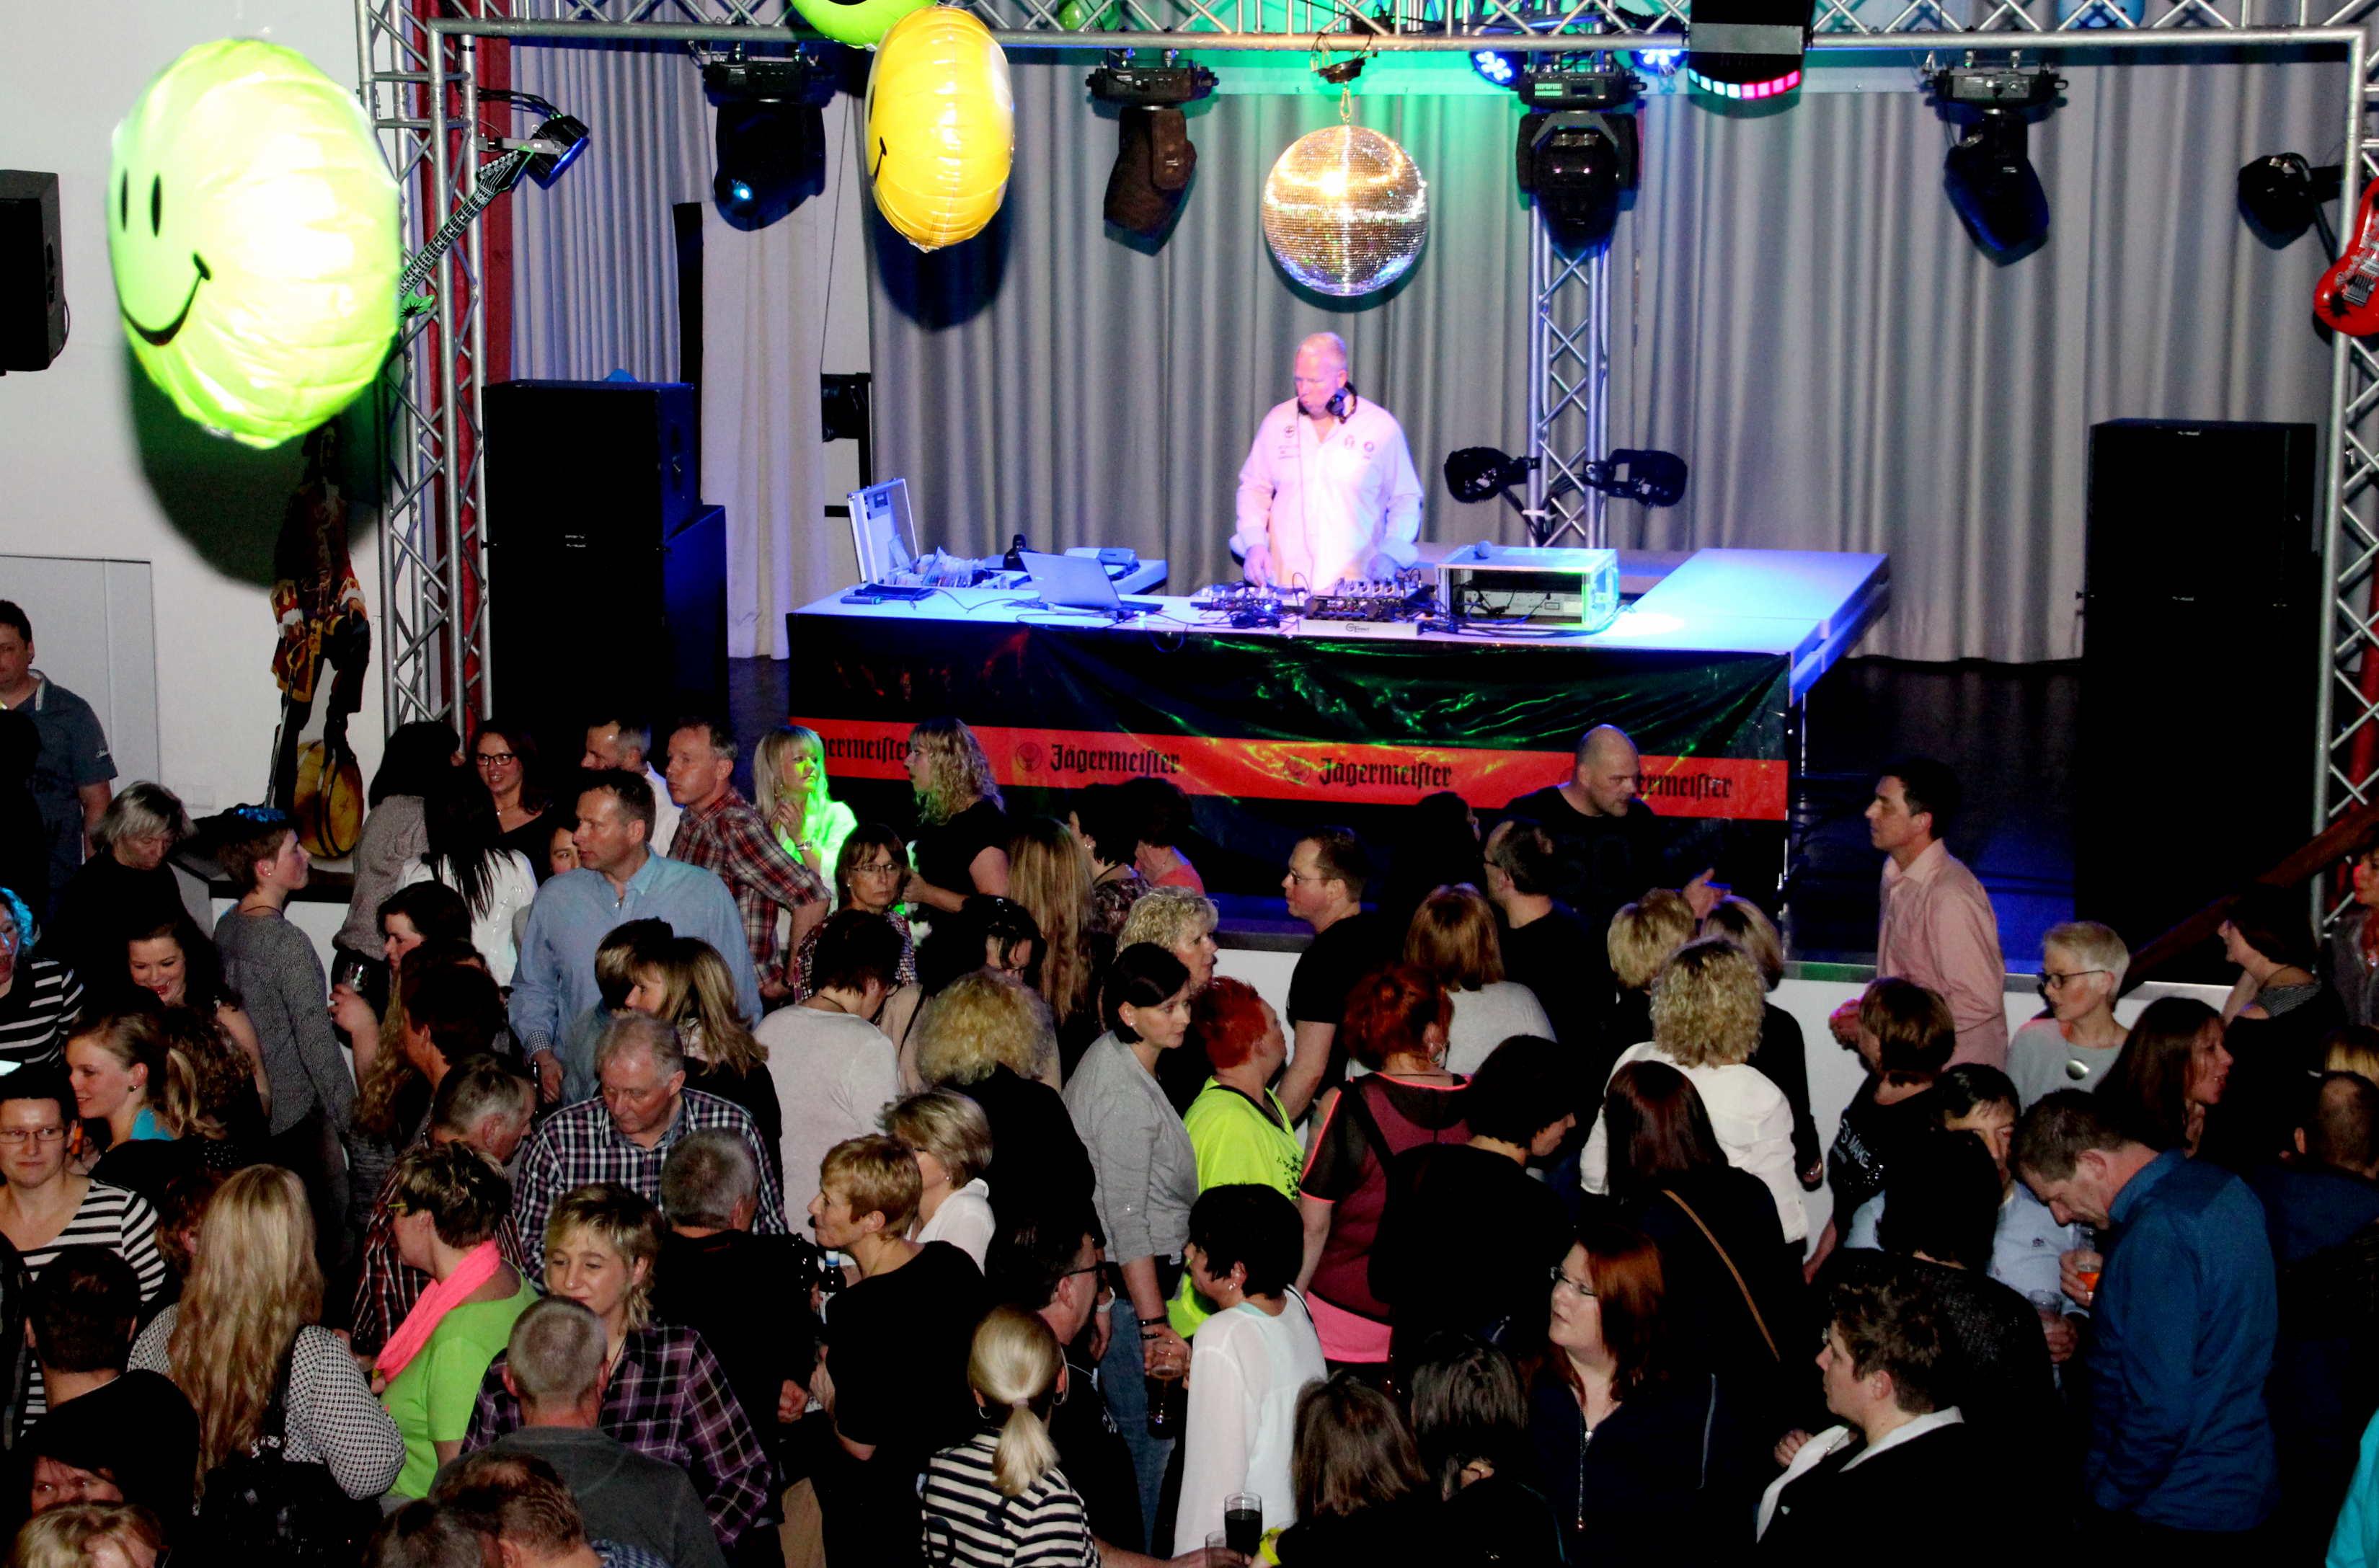 Alleine in die Disco - Neue Leute kennenlernen und tanzen